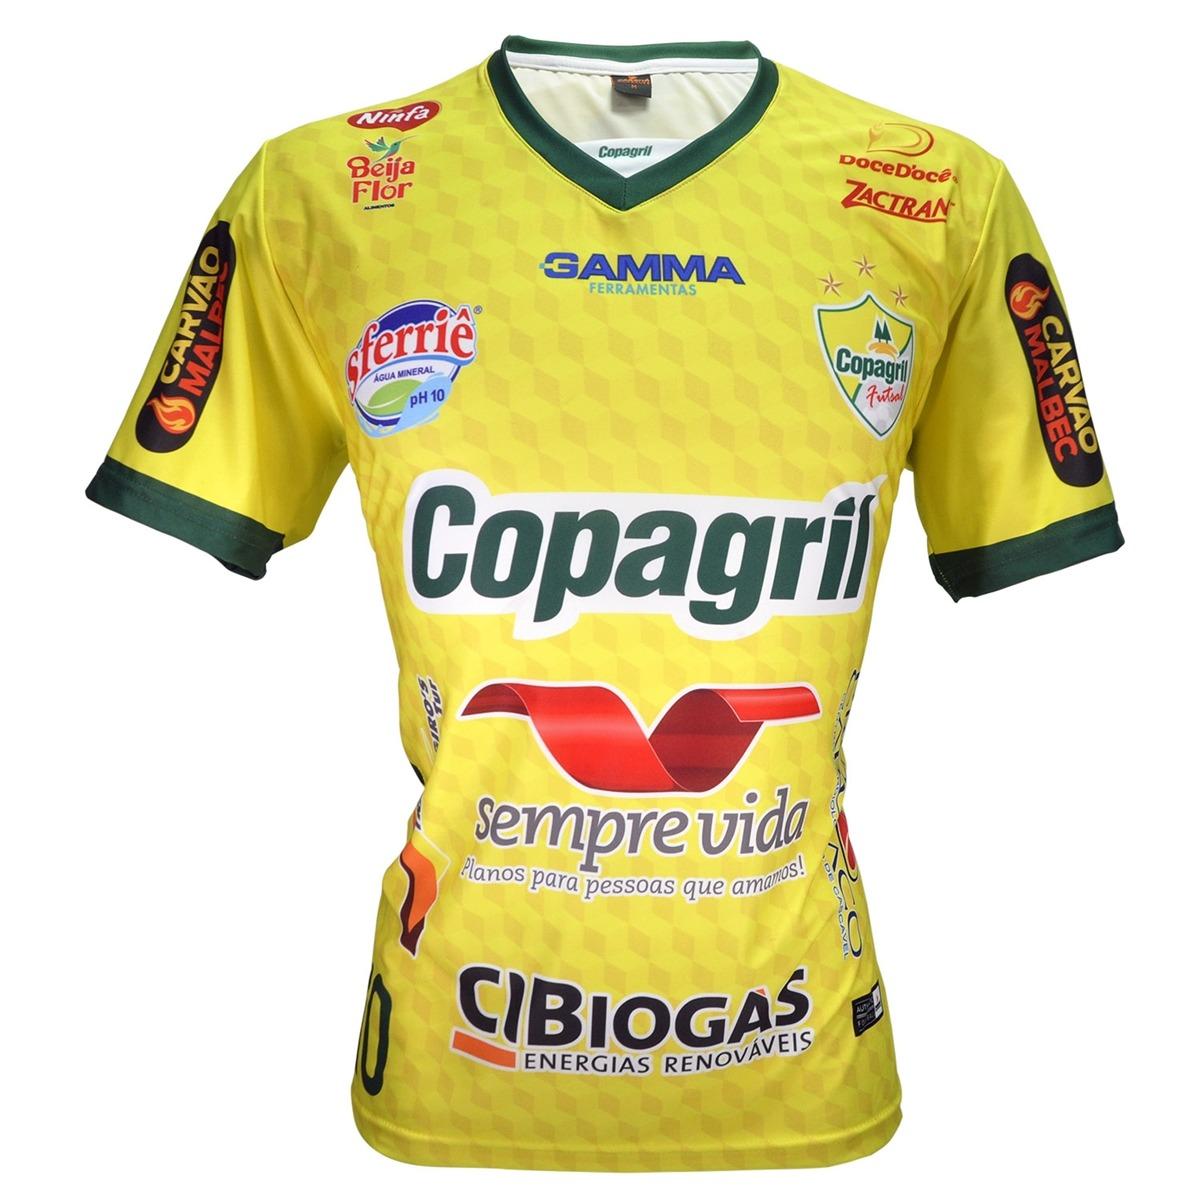 Camisa Oficial Copagril Futsal 2018 Amarela - R  69 e8cc9d046cb11